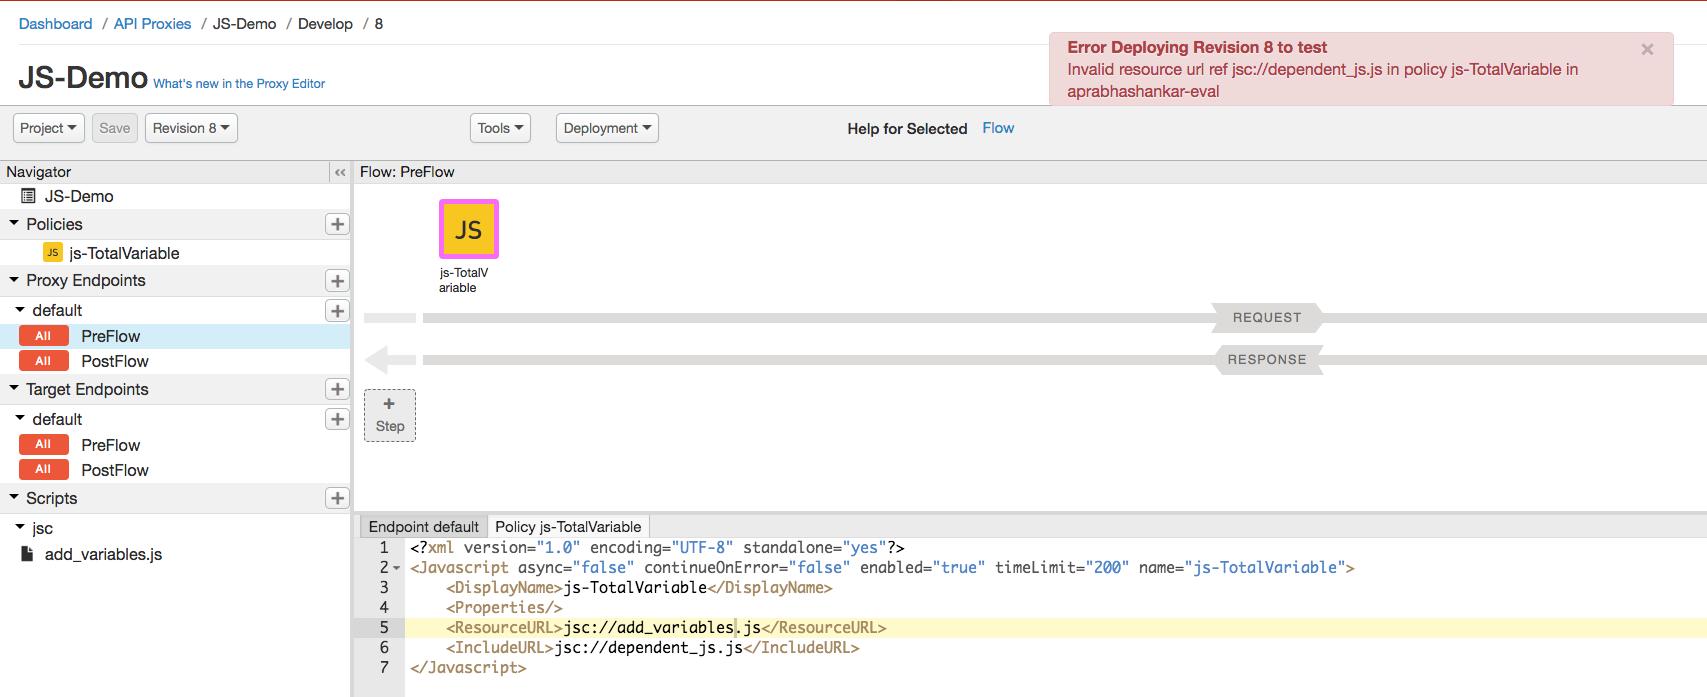 无效的资源网址错误。